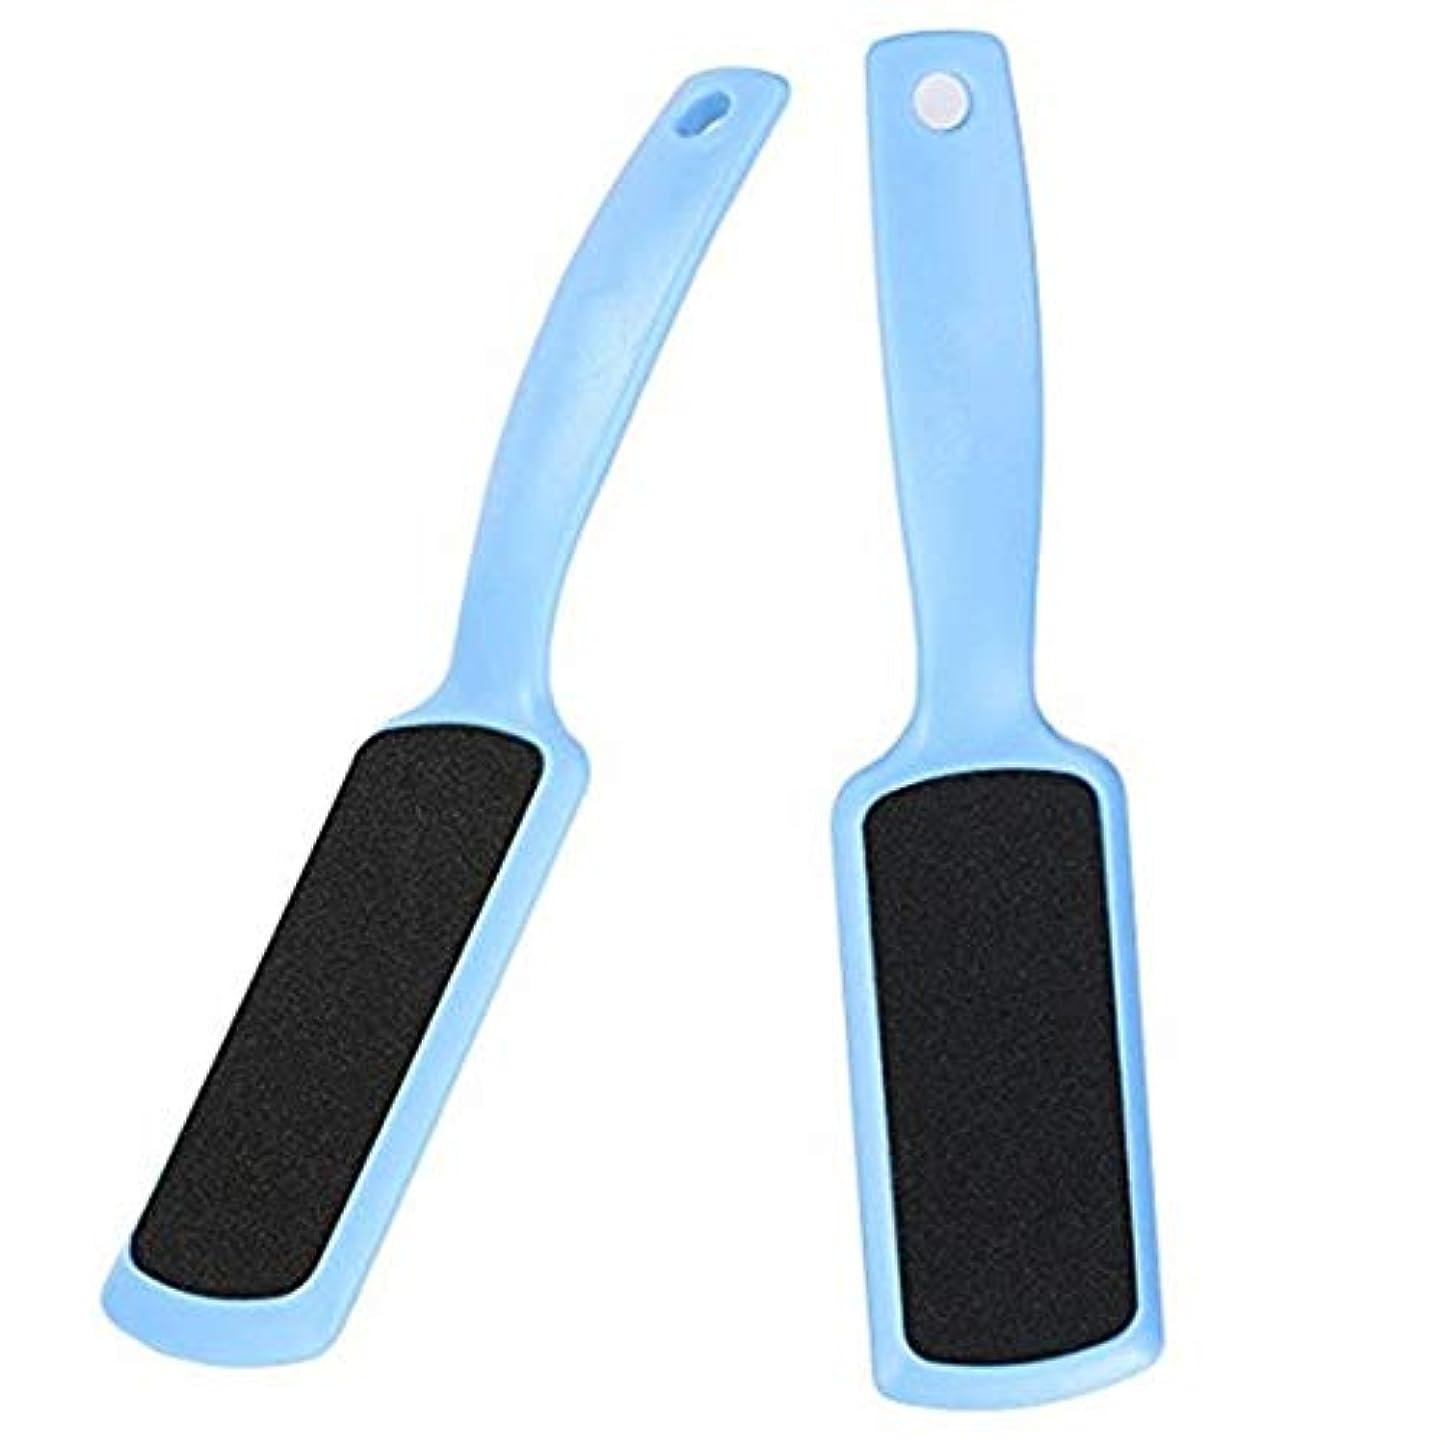 司書食い違い人間ZHER-LU 両面足ヤスリ ツインヘッド角質取り器 角質やすり 足ファイル 両面 フットケア用品 足磨きツール 足裏 かかと 角質ケア 角質除去 多機能 プラスチック 両面サンドペーパー 3色 2個入れ (ブルー)